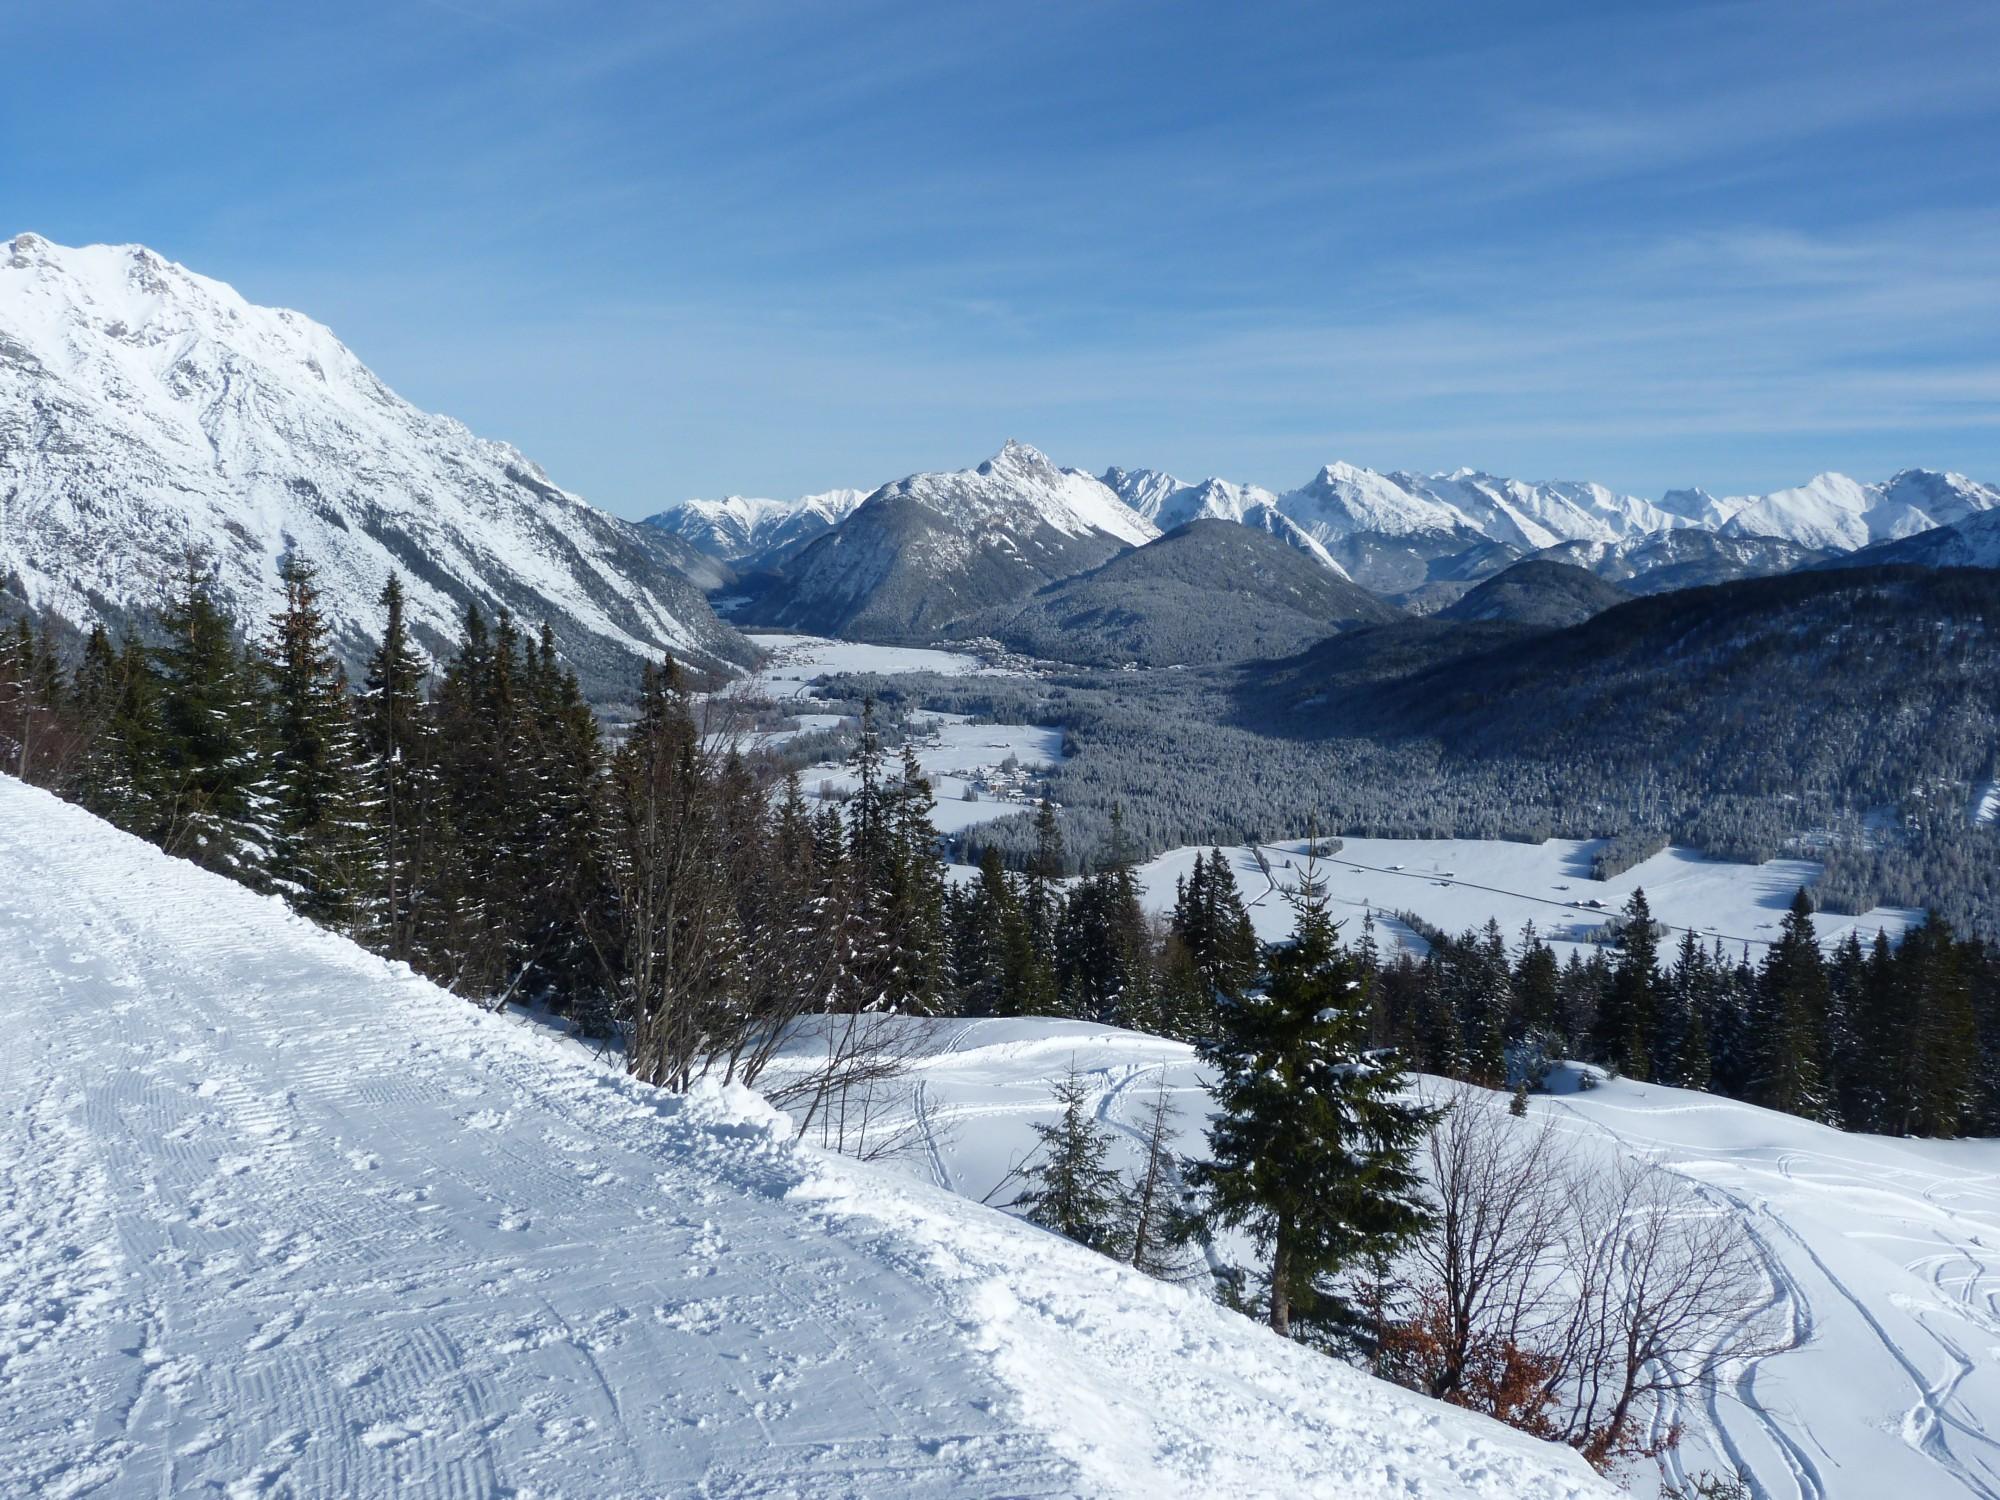 Austria, view of mountains